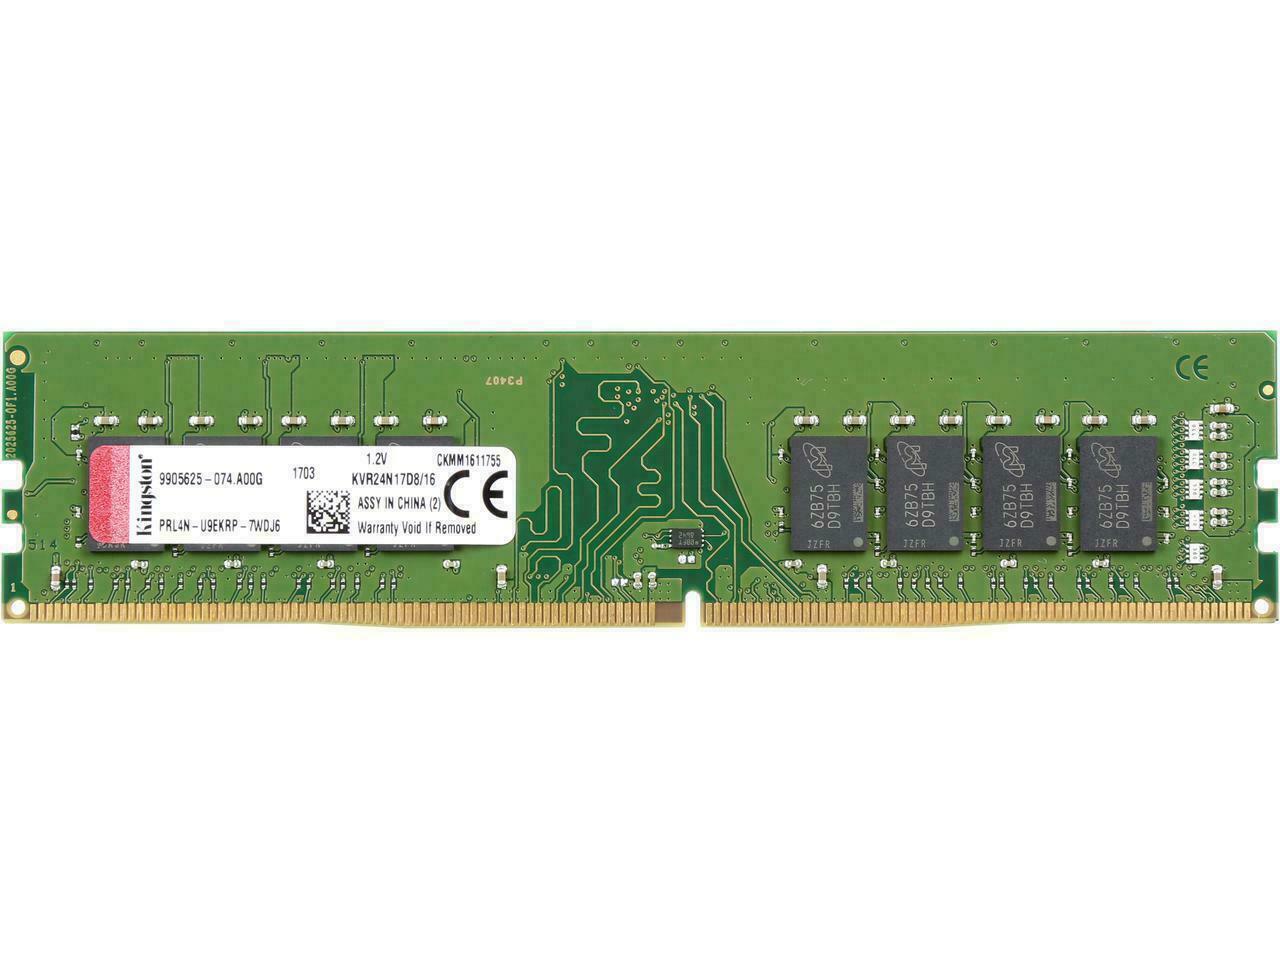 Kingston KCP424ND8/16 16GB DDR4 2400Mhz DIMM RAM Module for sale online   eBay